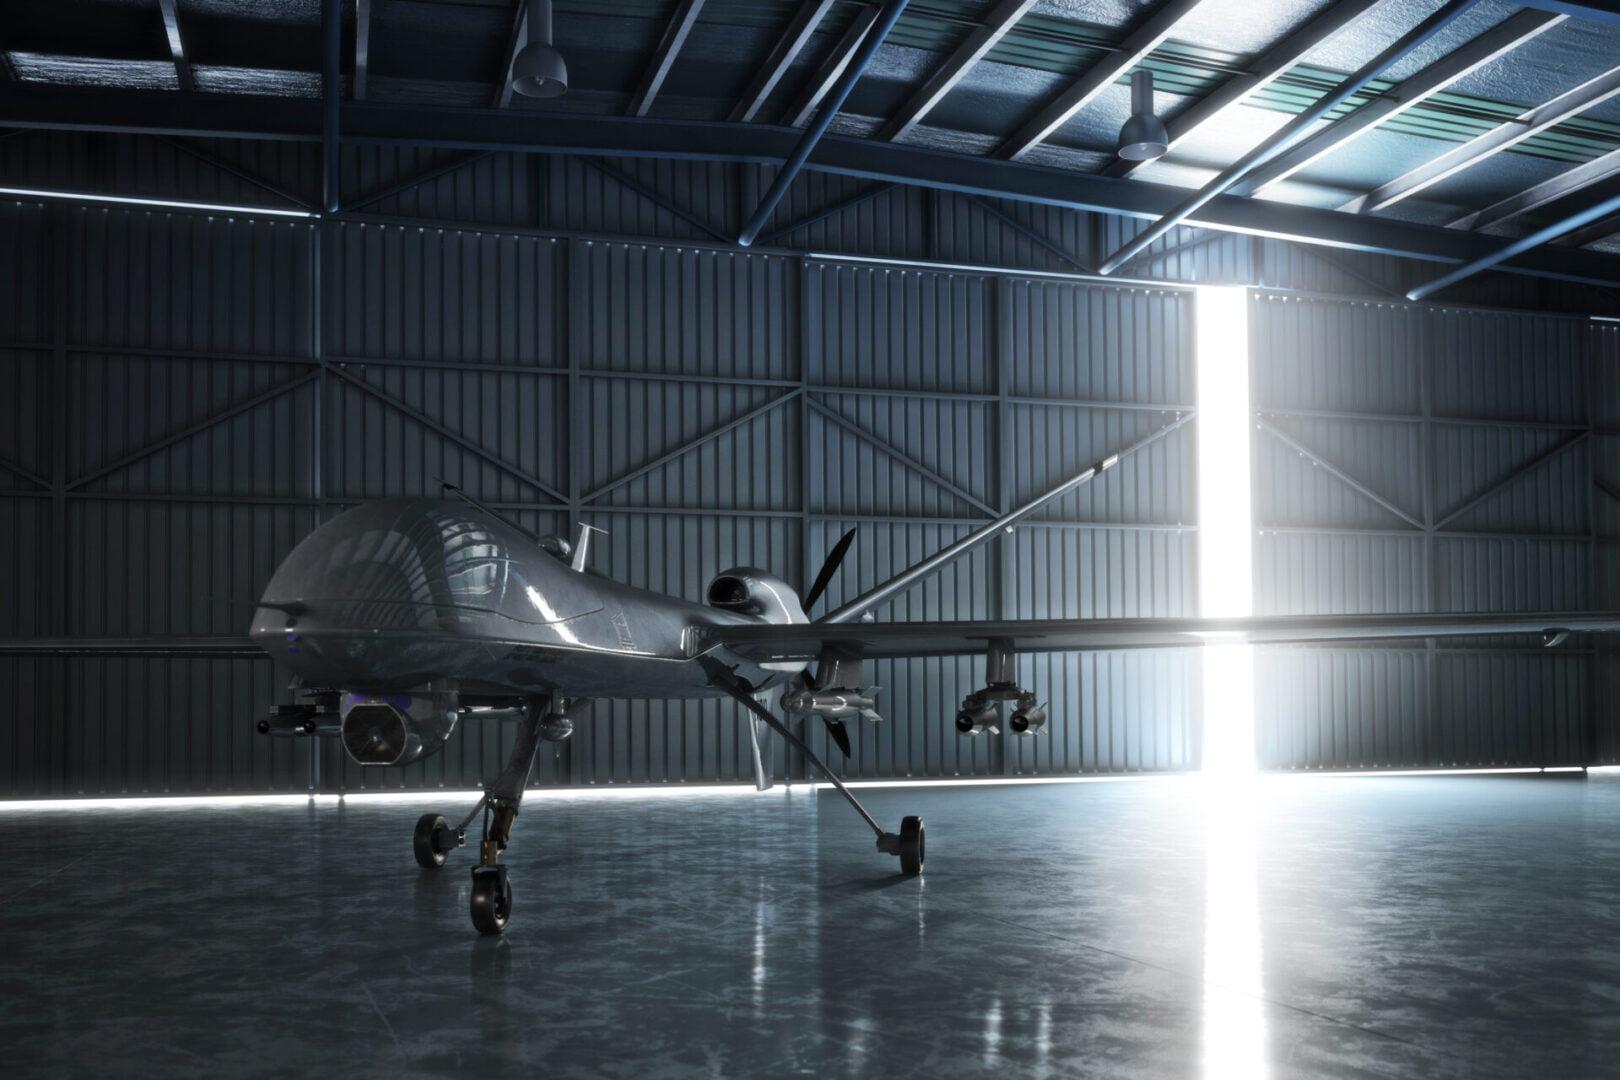 Έπεσαν υπογραφές για το ελληνικό UAV πολλαπλών χρήσεων